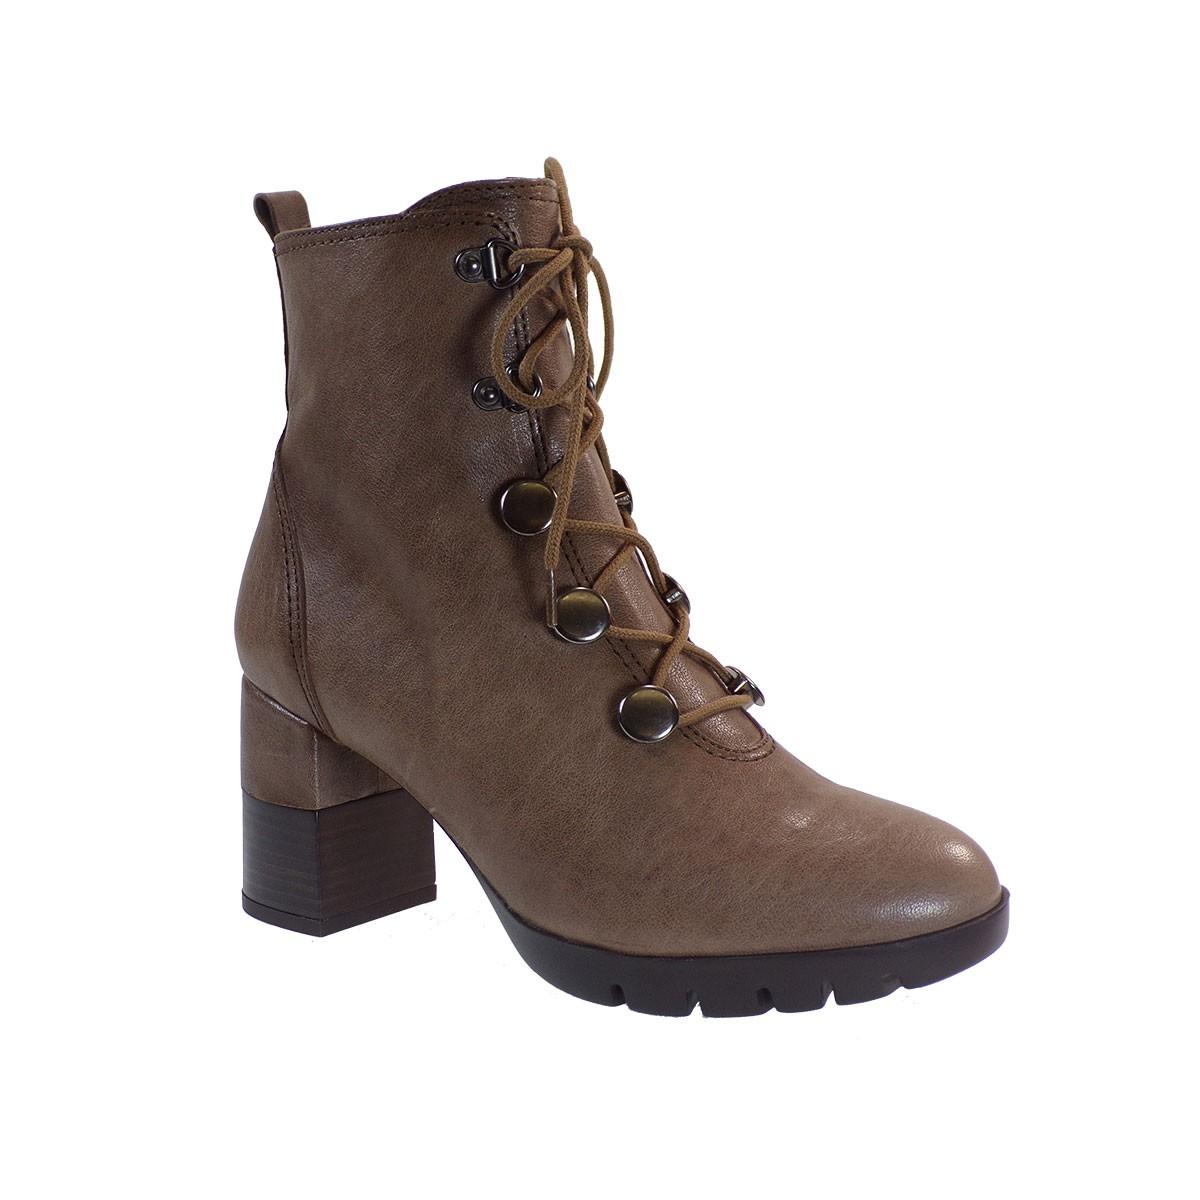 Hispanitas Γυναικεία Παπούτσια Mποτάκια HI99310 Πούρο Δέρμα